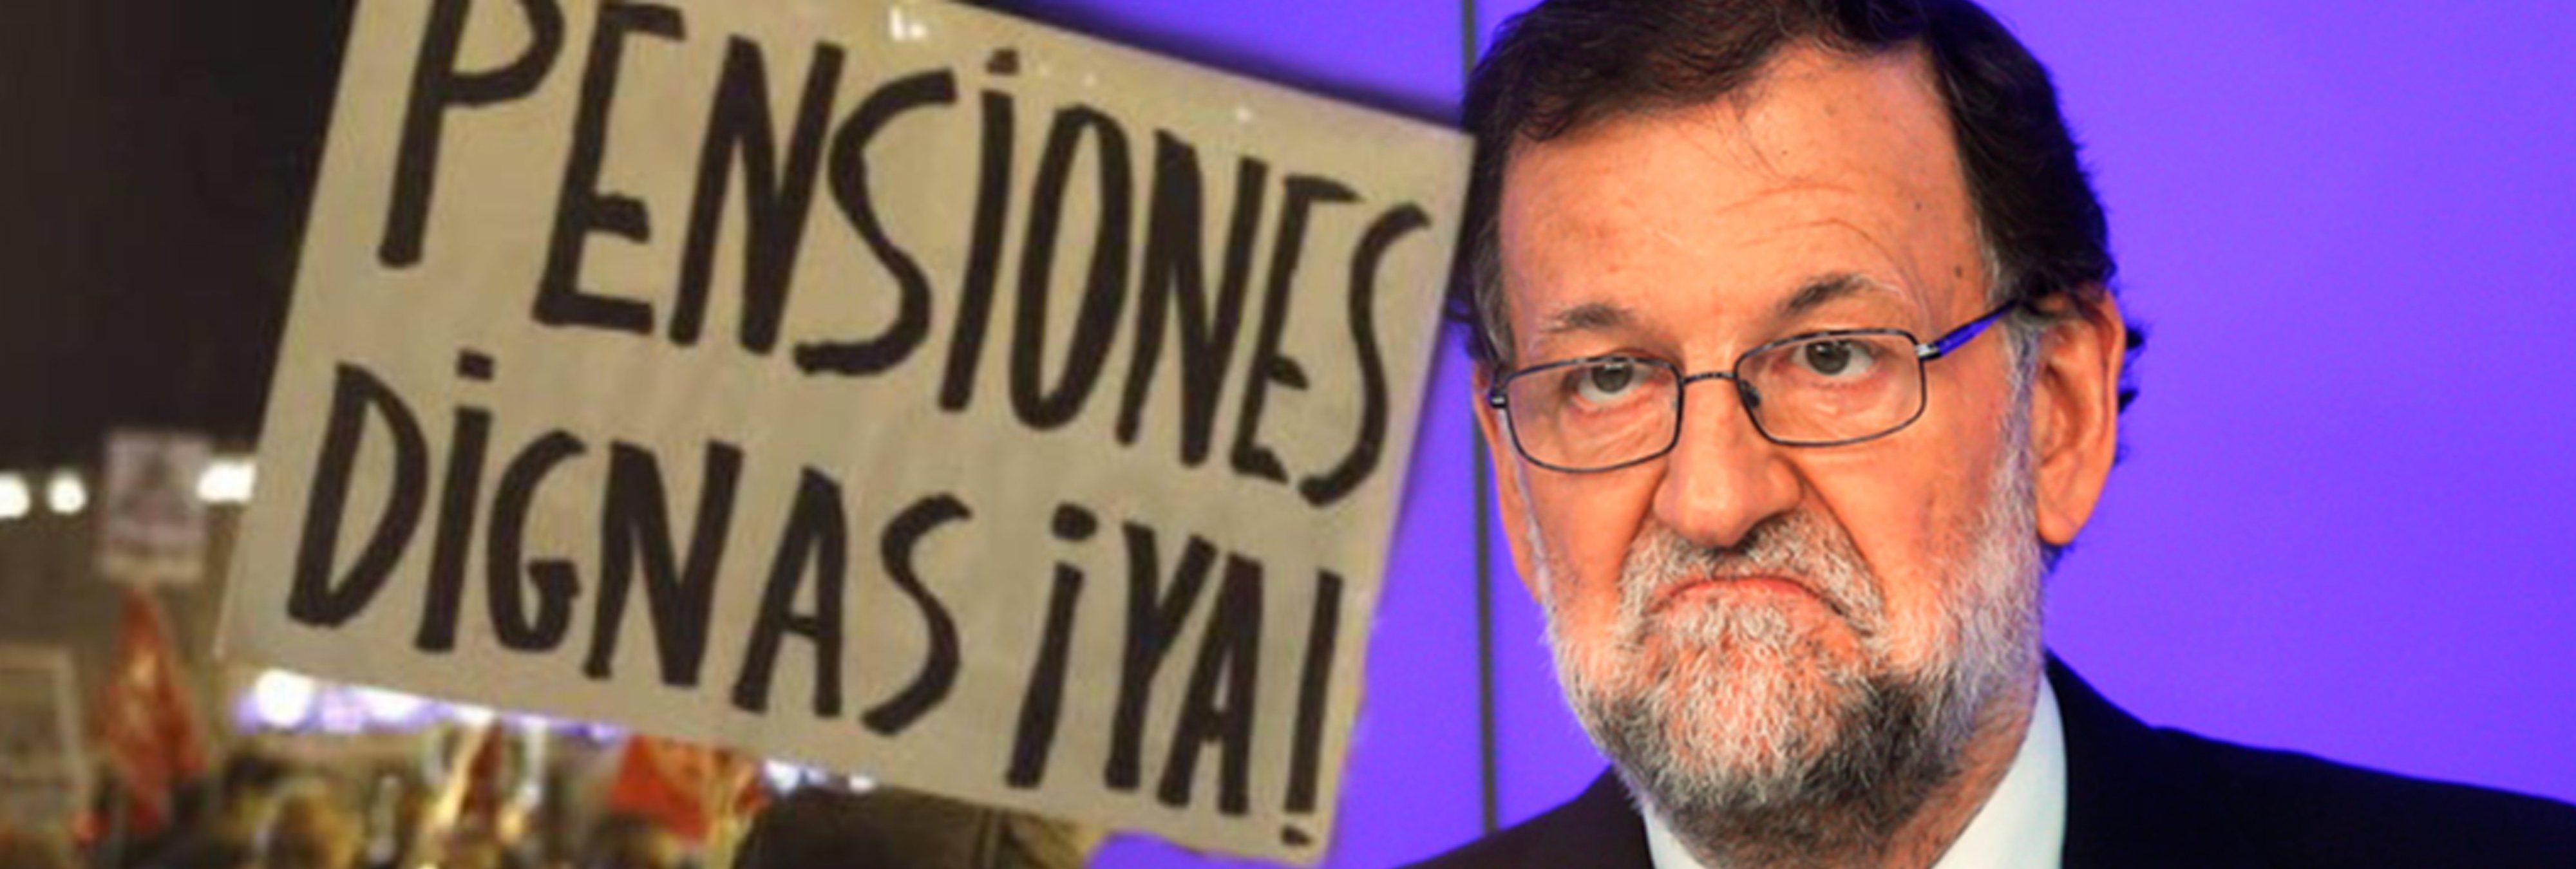 Las pensiones no peligran: un simple cambio que ni PP ni PSOE se plantean ¿Por qué?